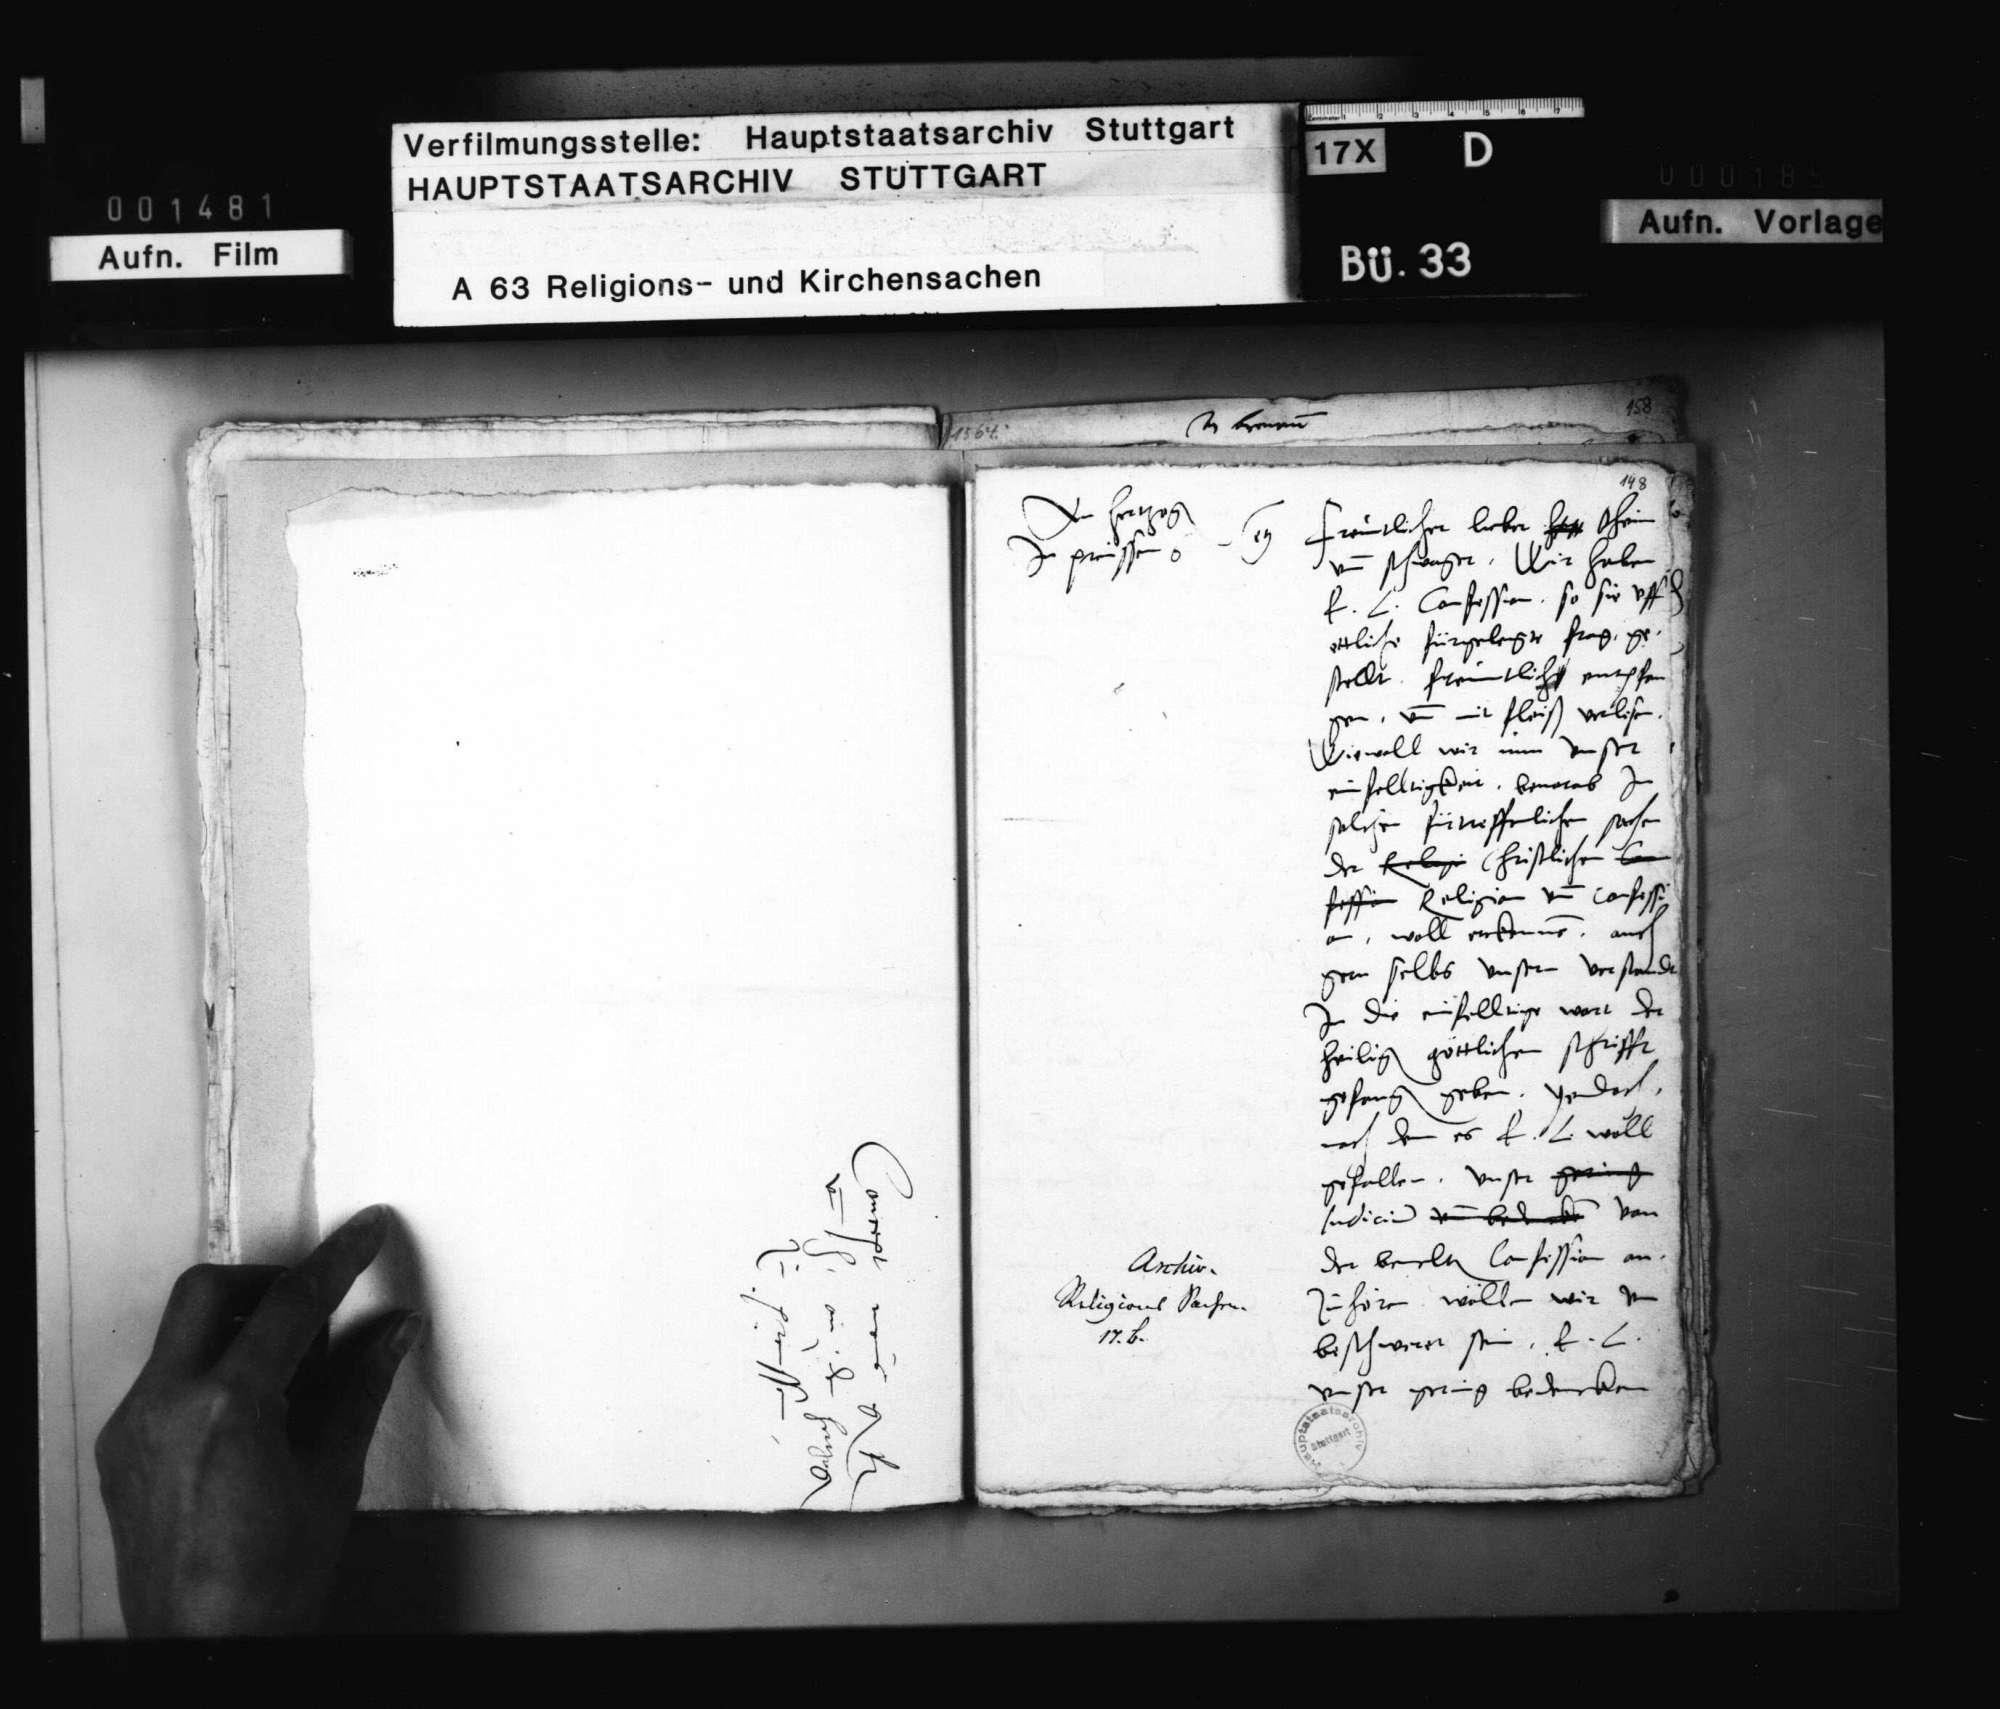 Schreiben Kaiser Maximilians an Herzog Christoph vom 31. Mai 1564, die Empfehlung des Kardinals Otto als Nachbar in Ellwangen betreffend; und vom 26. Juni, böswillige Gerüchte, die in Religionssachen gehen, betreffend. Original., Bild 2